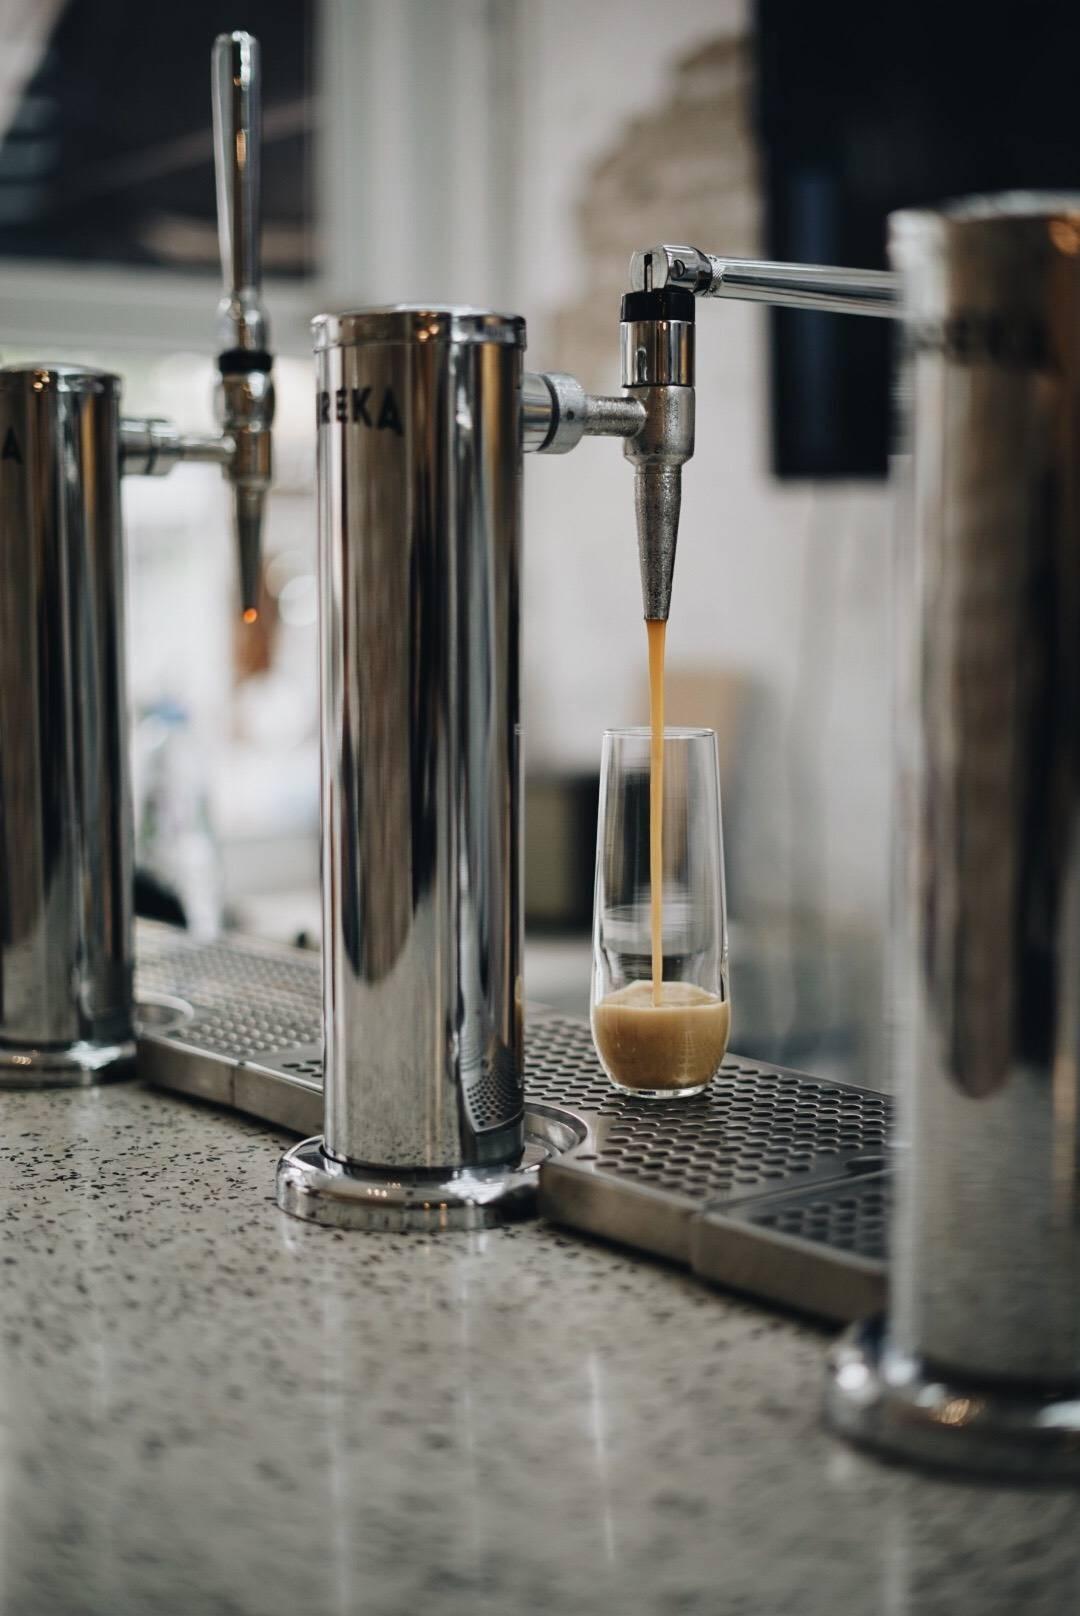 Eureka Nitro Coffee